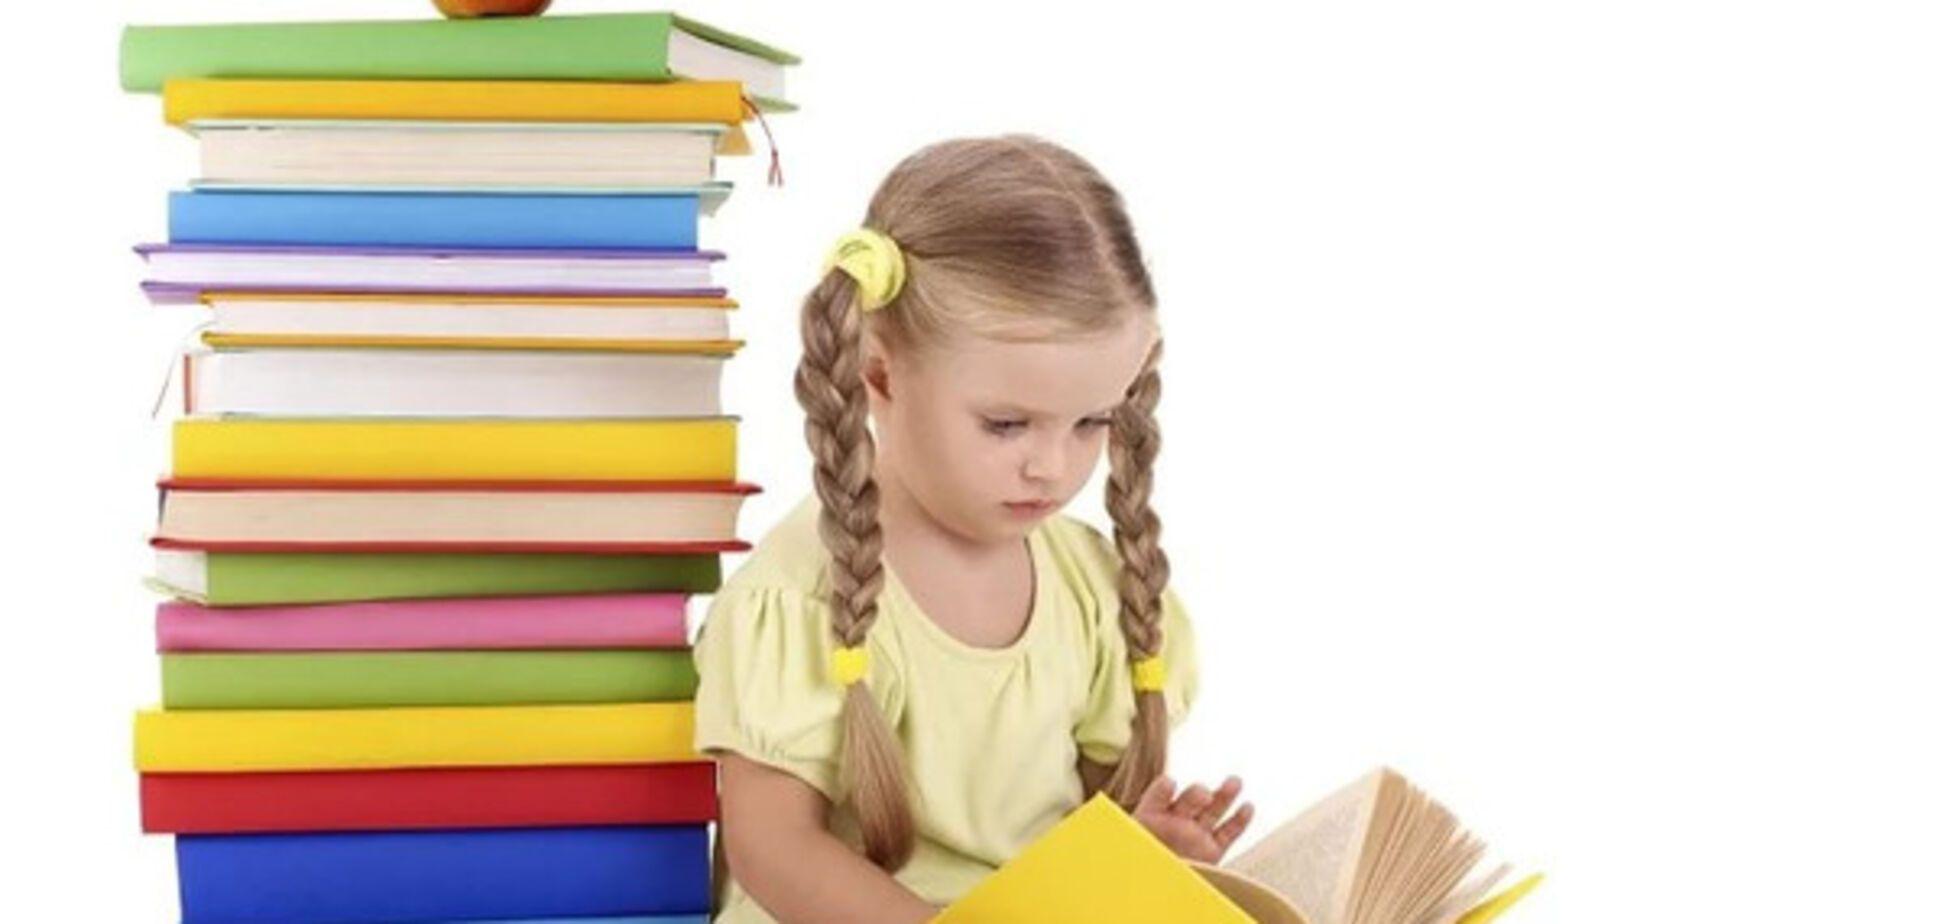 Чем меньше, тем лучше: ученые рассказали о вреде детских книг с рисунками